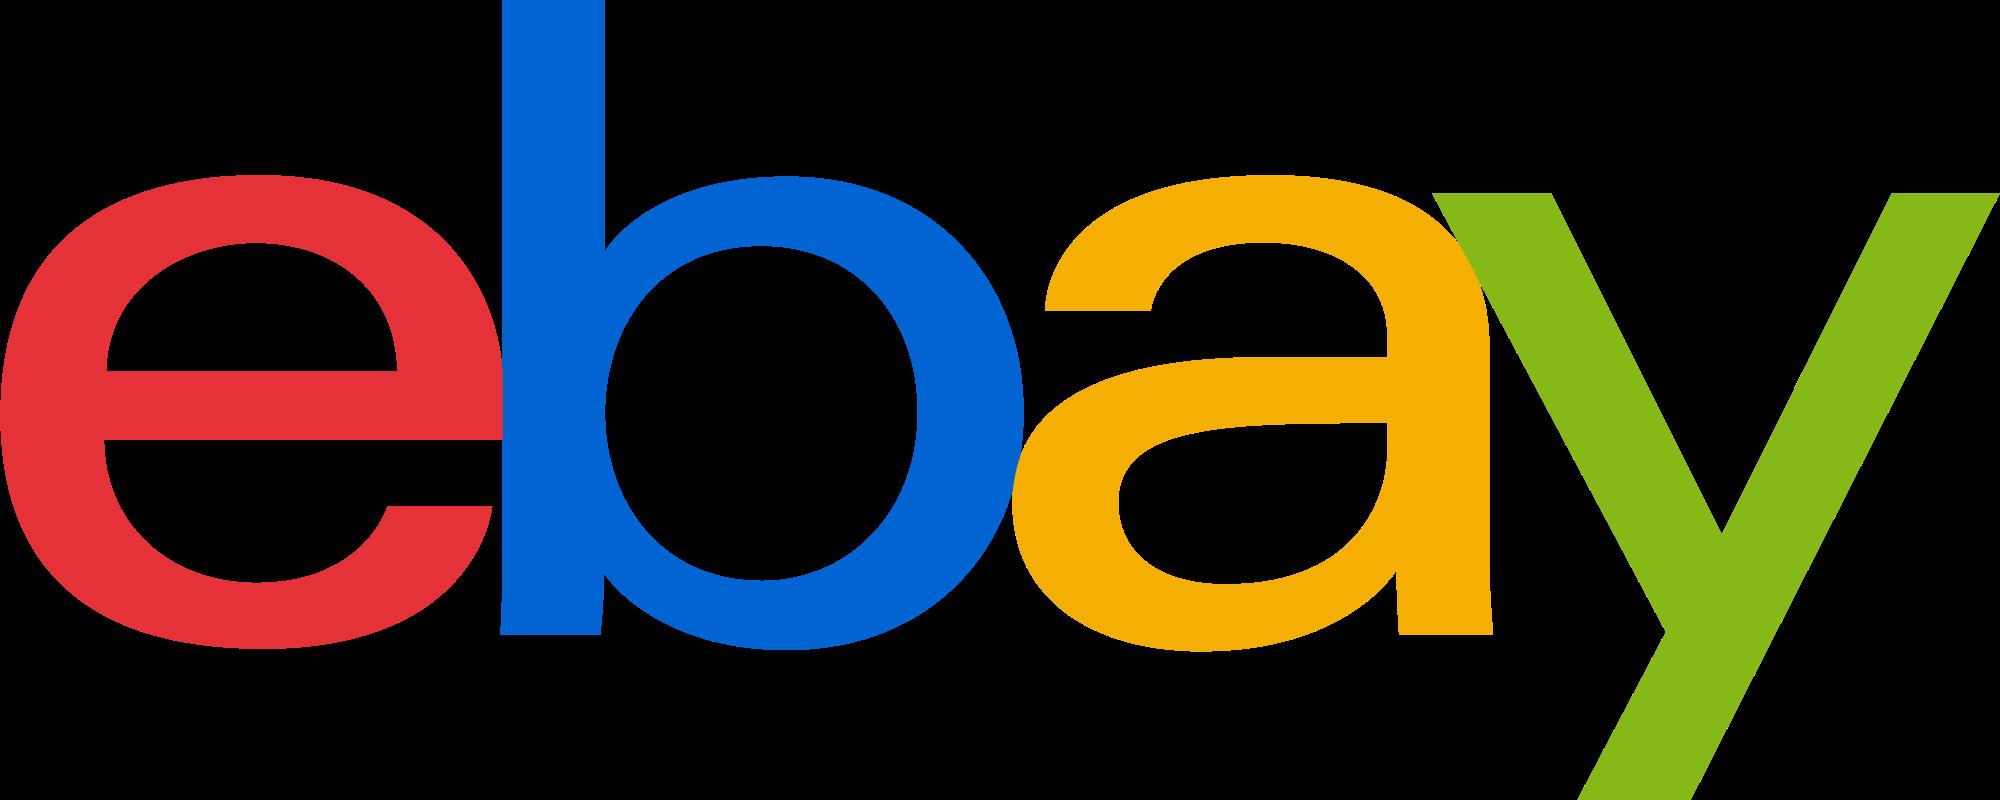 ebay_PNG10